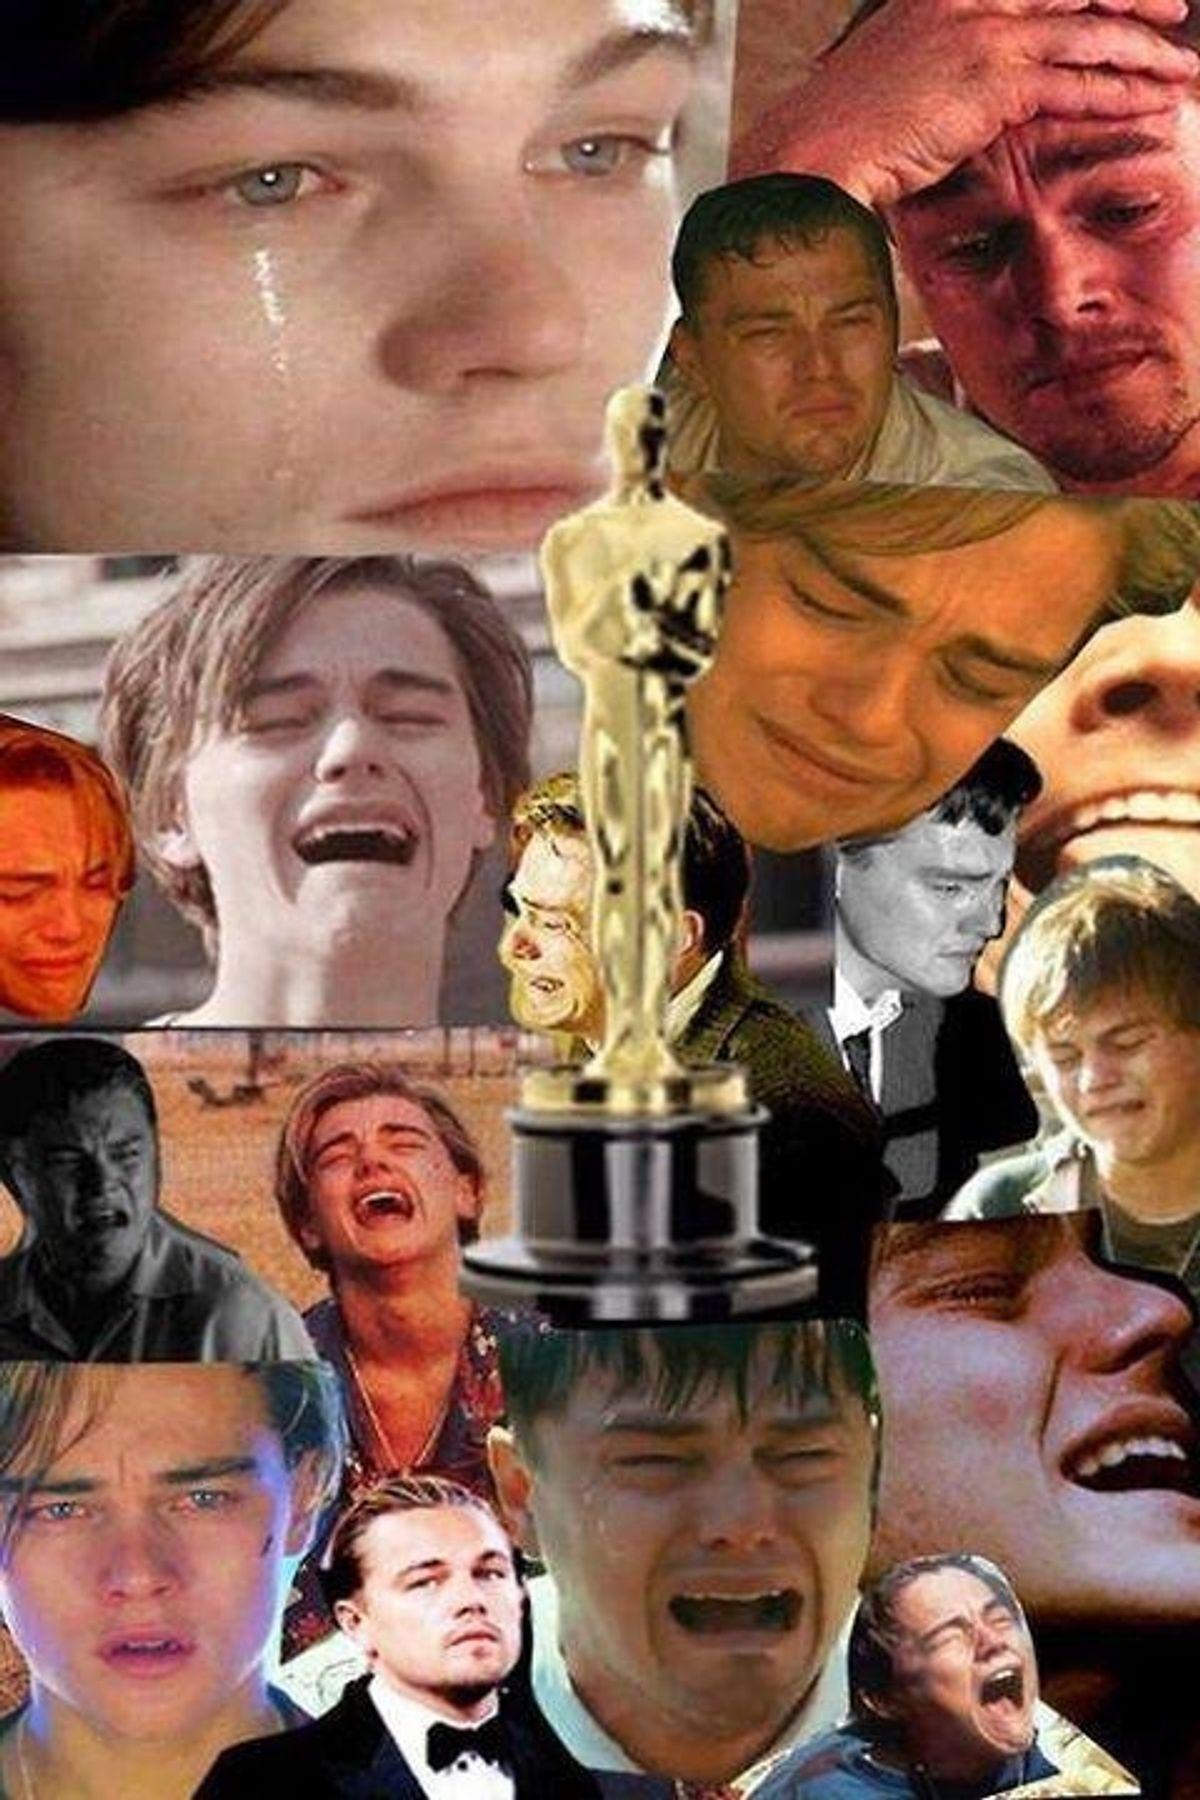 20 Of The Best Leonardo DiCaprio Oscar Memes